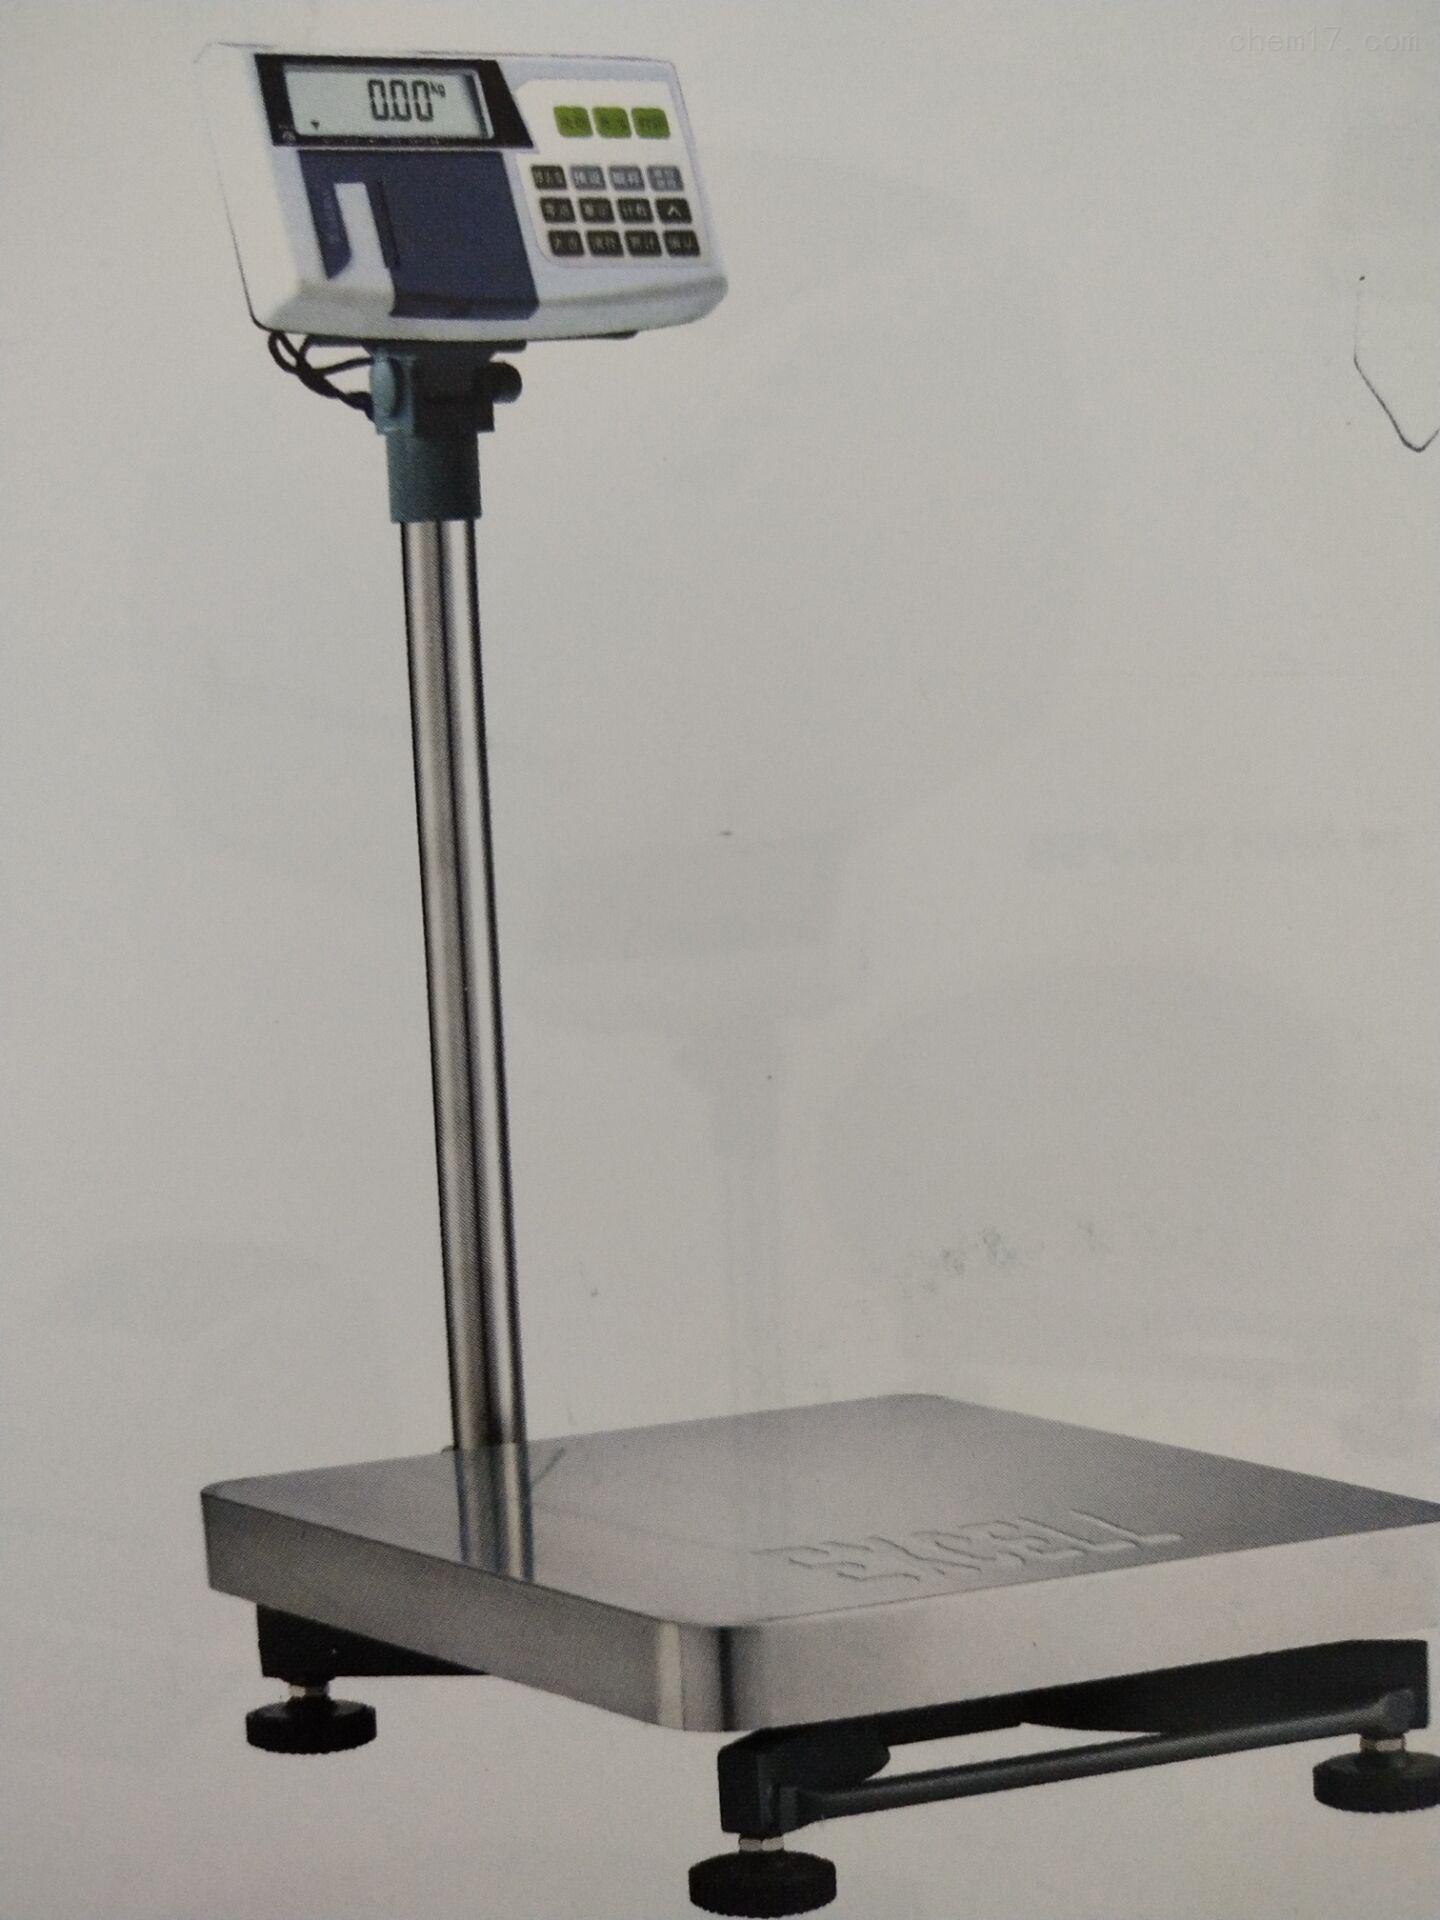 英展XK3150-FB53打印时间重量日期电子秤